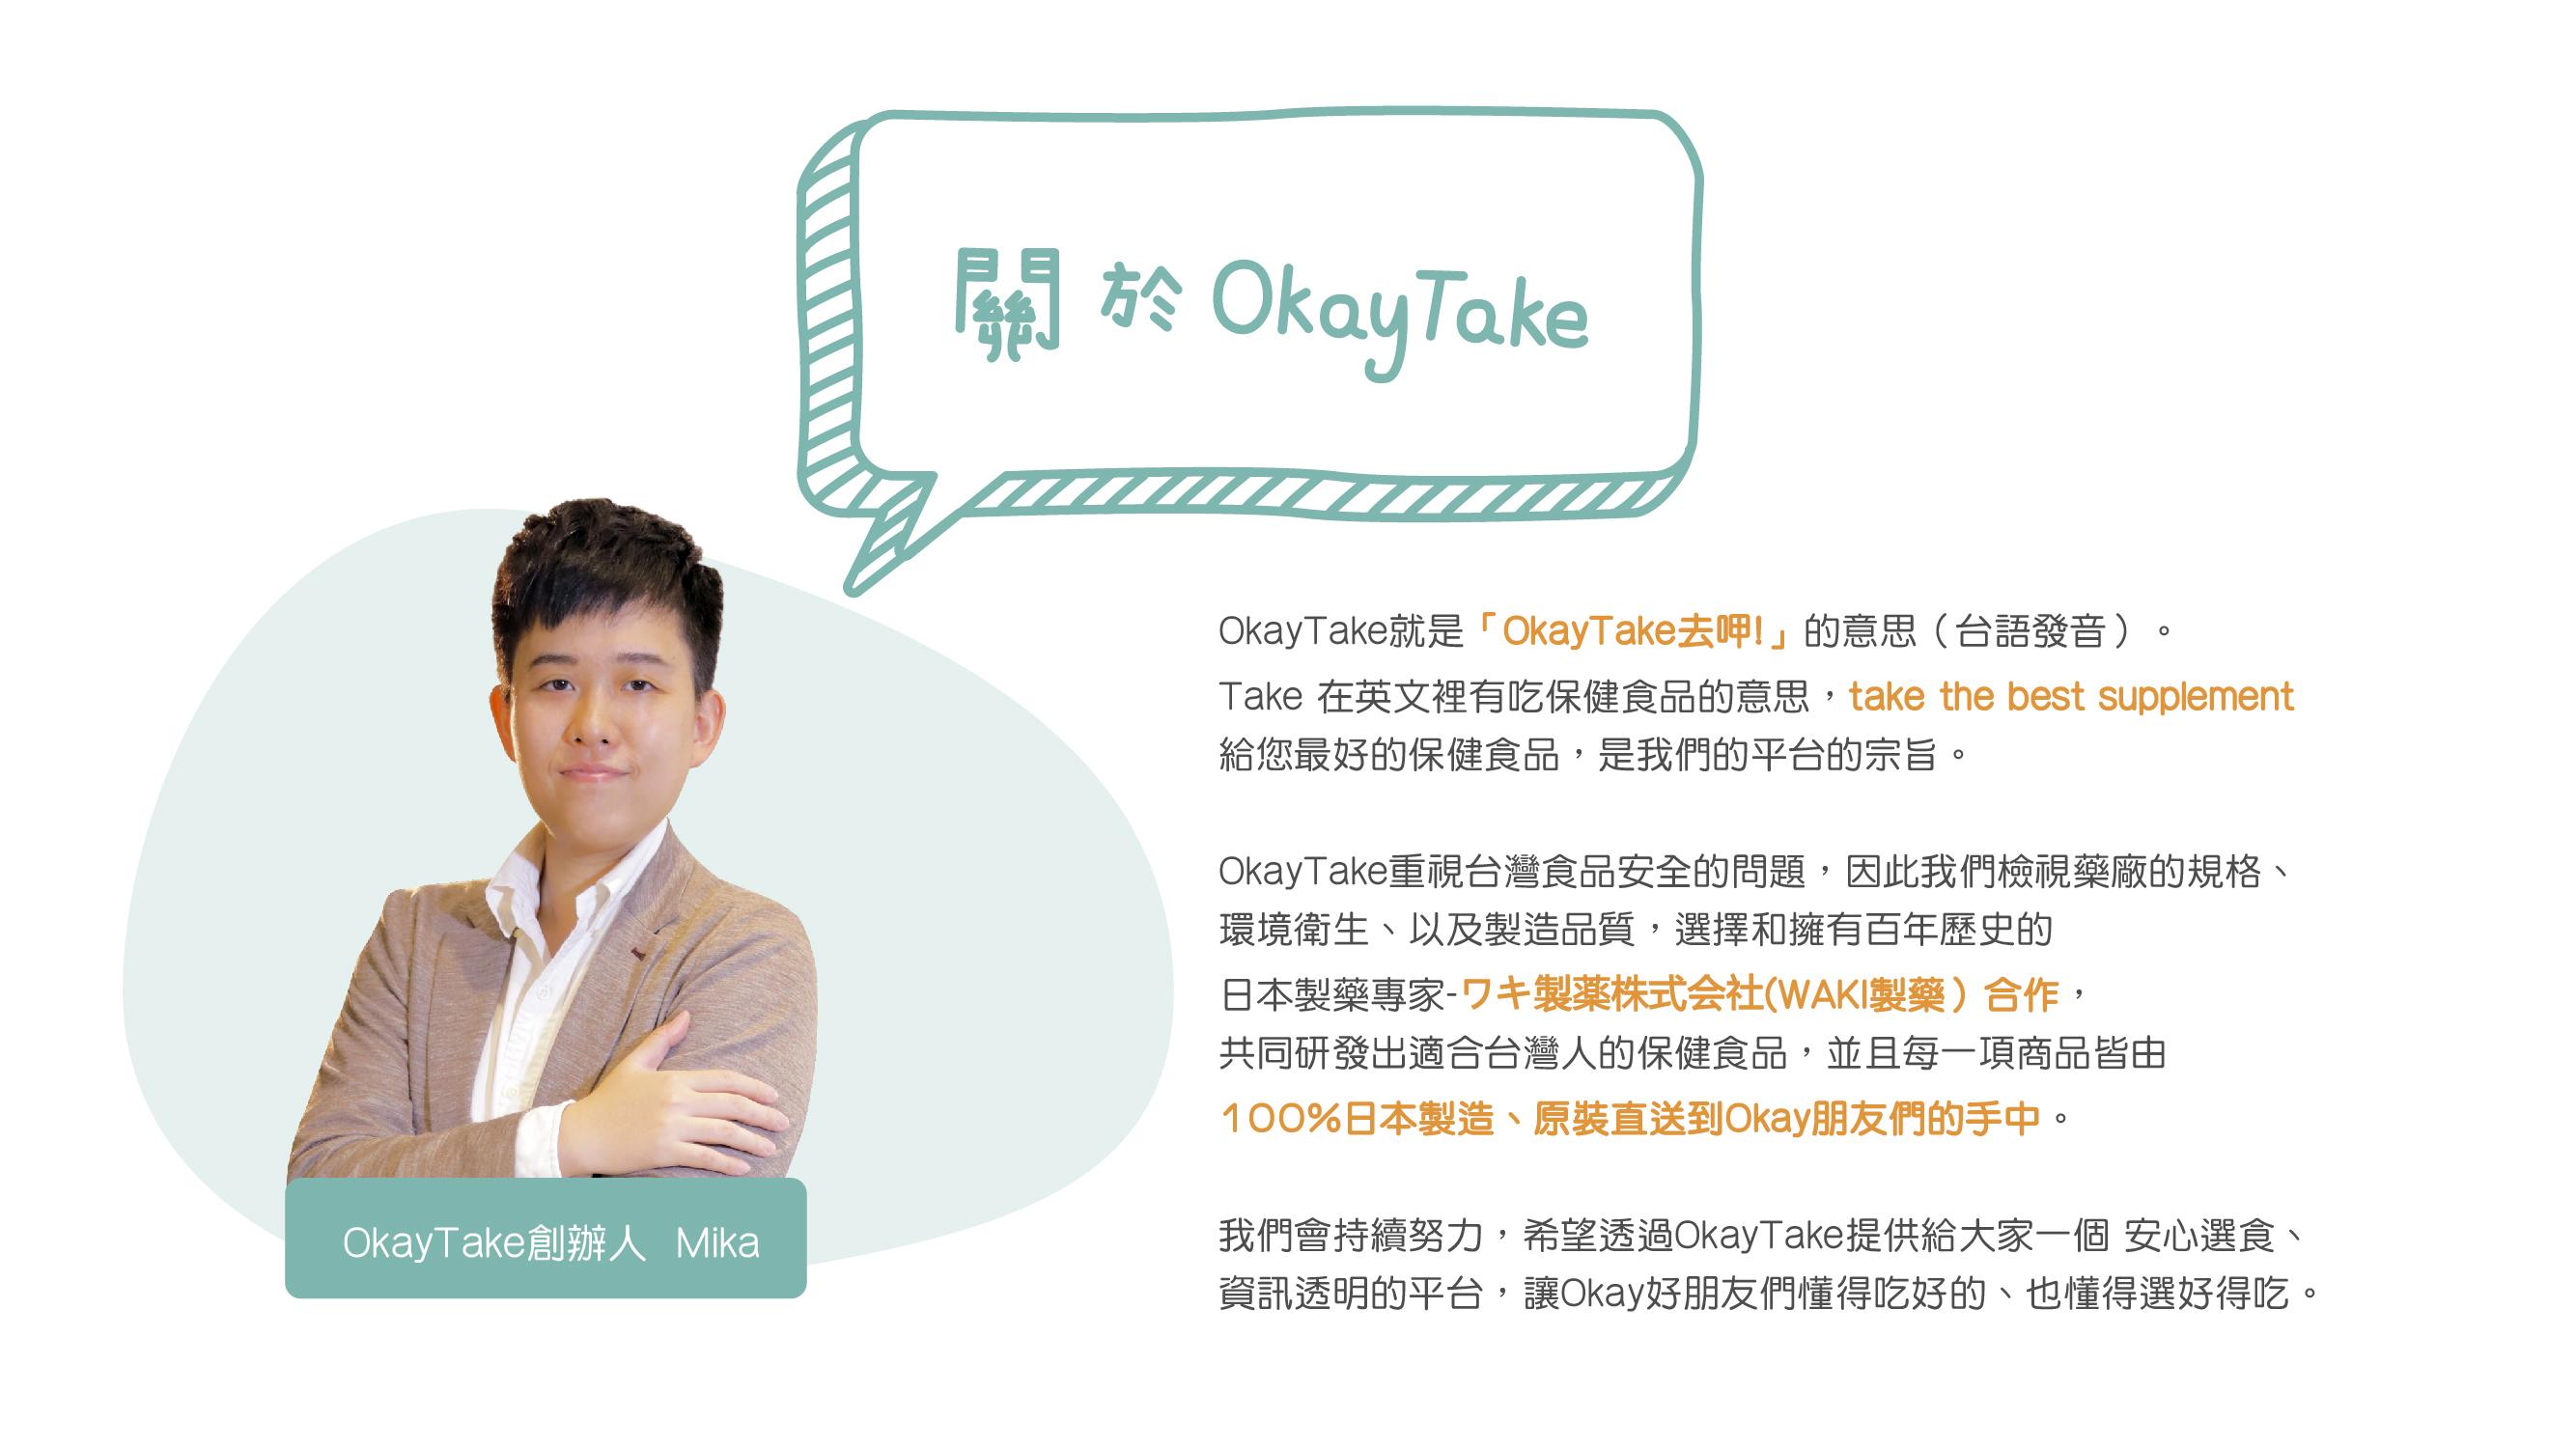 什麼是OkayTake,就是OkayTake去呷的意思。  take the best supplement  給您最好的保健食品是我們的宗旨,和WAKI ワキ製薬共同研發適合台灣人的保健食品,100%日本製造原裝進口